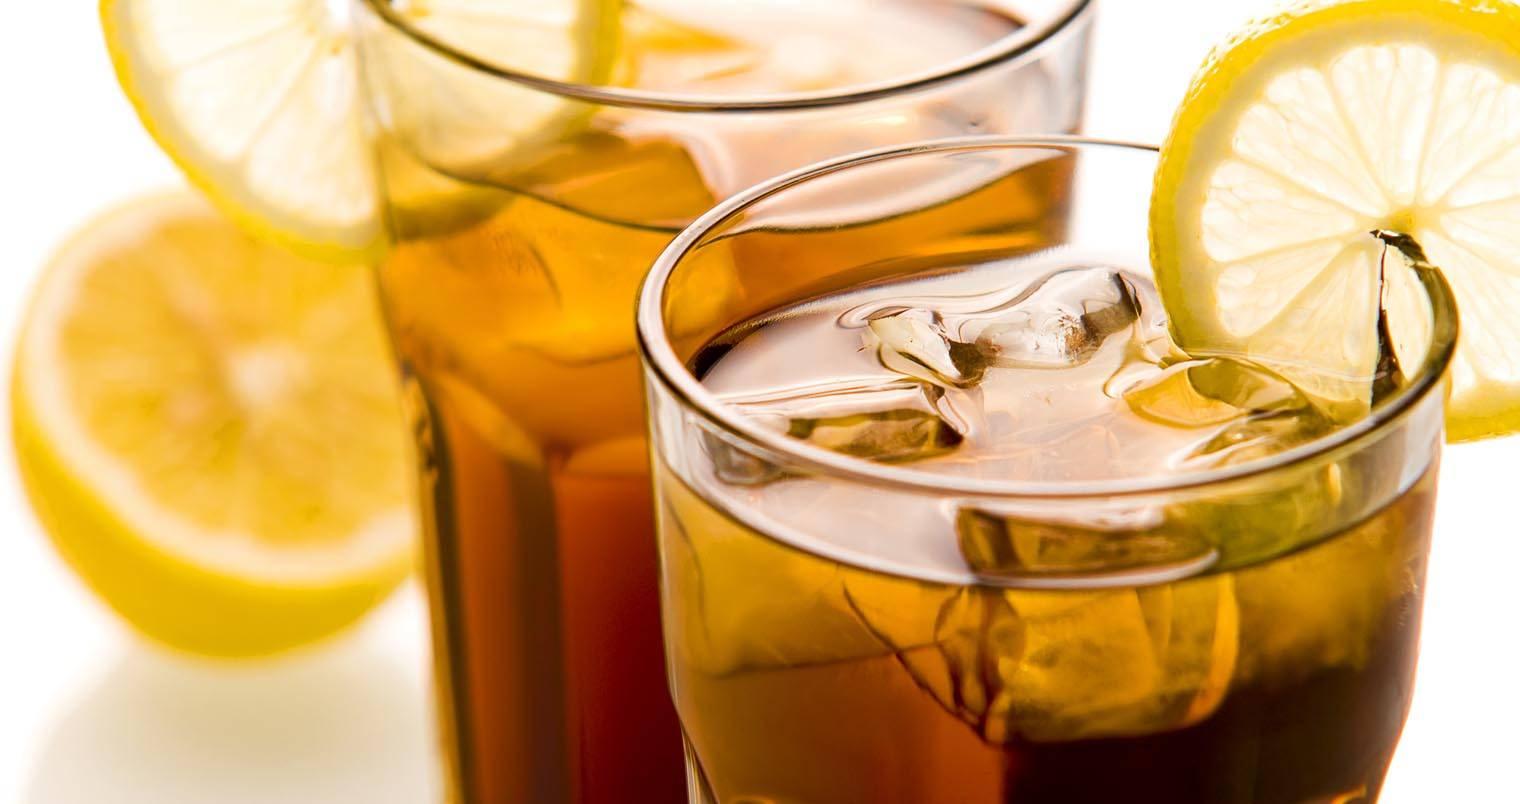 Лучшие рецепты приготовления холодного чая в домашних условиях